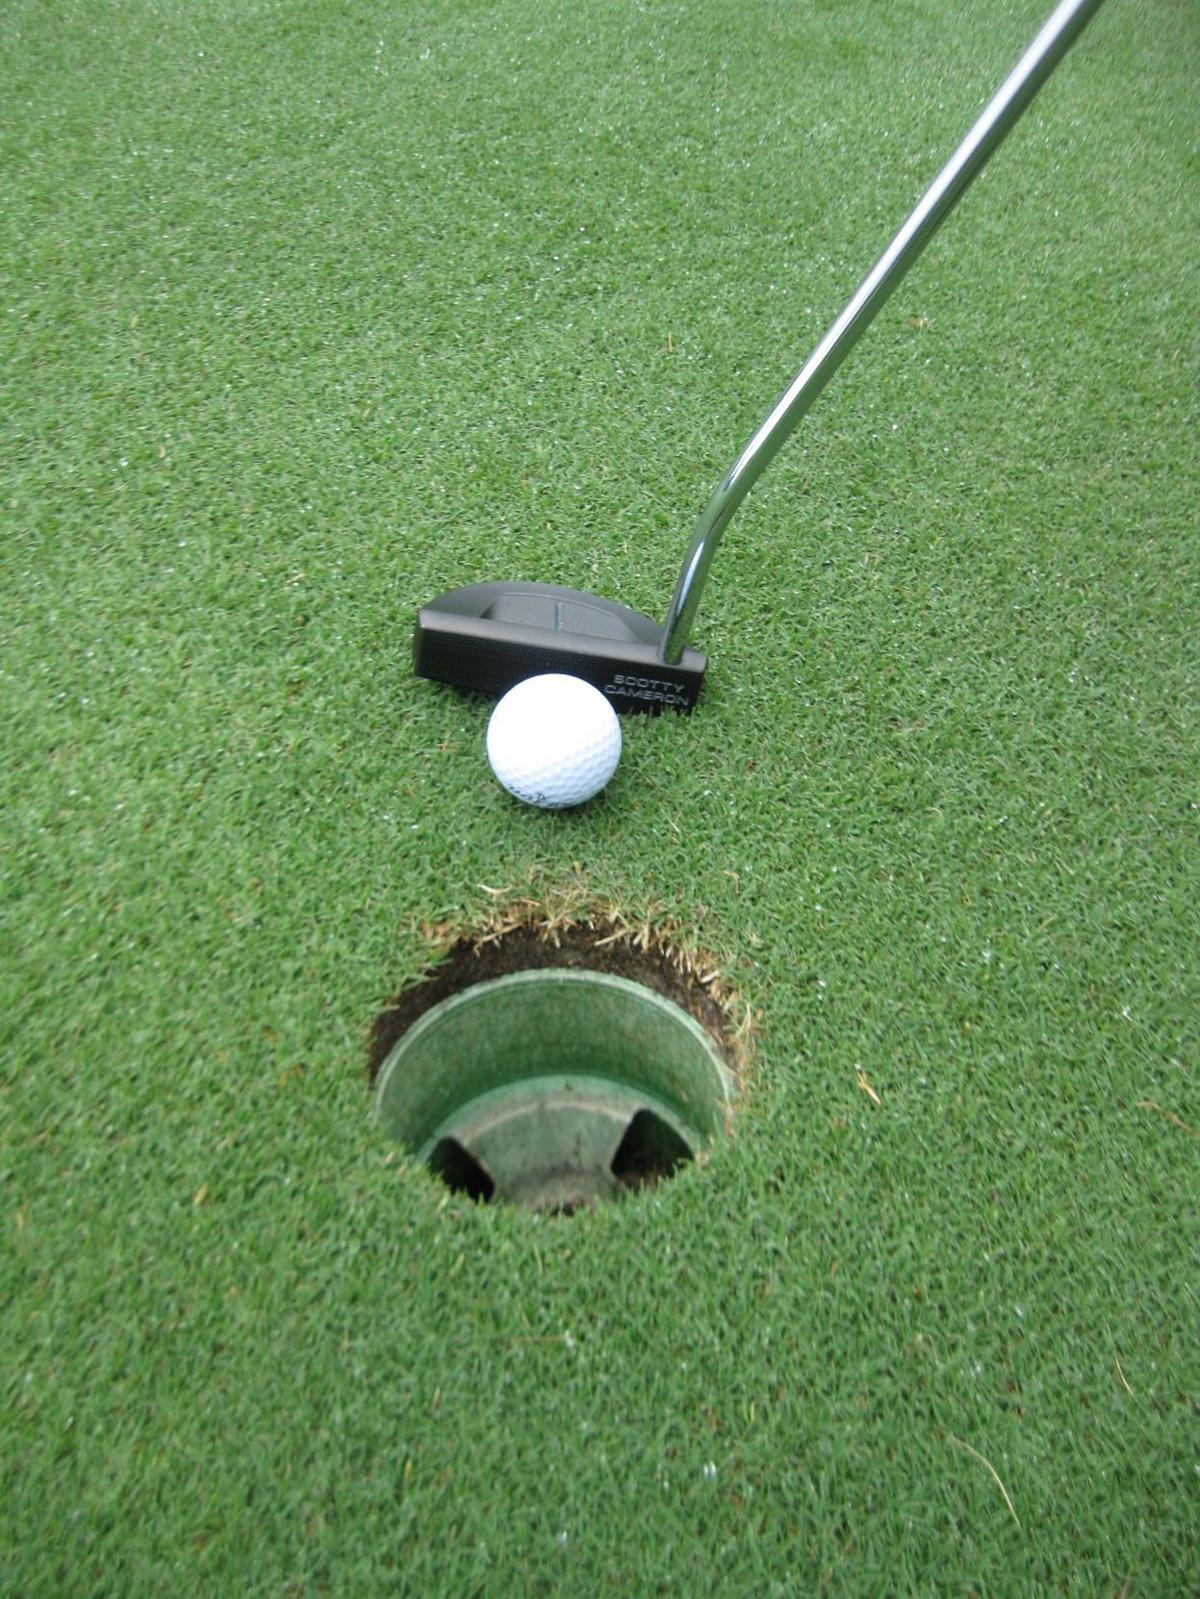 July 31 Golf Calendar